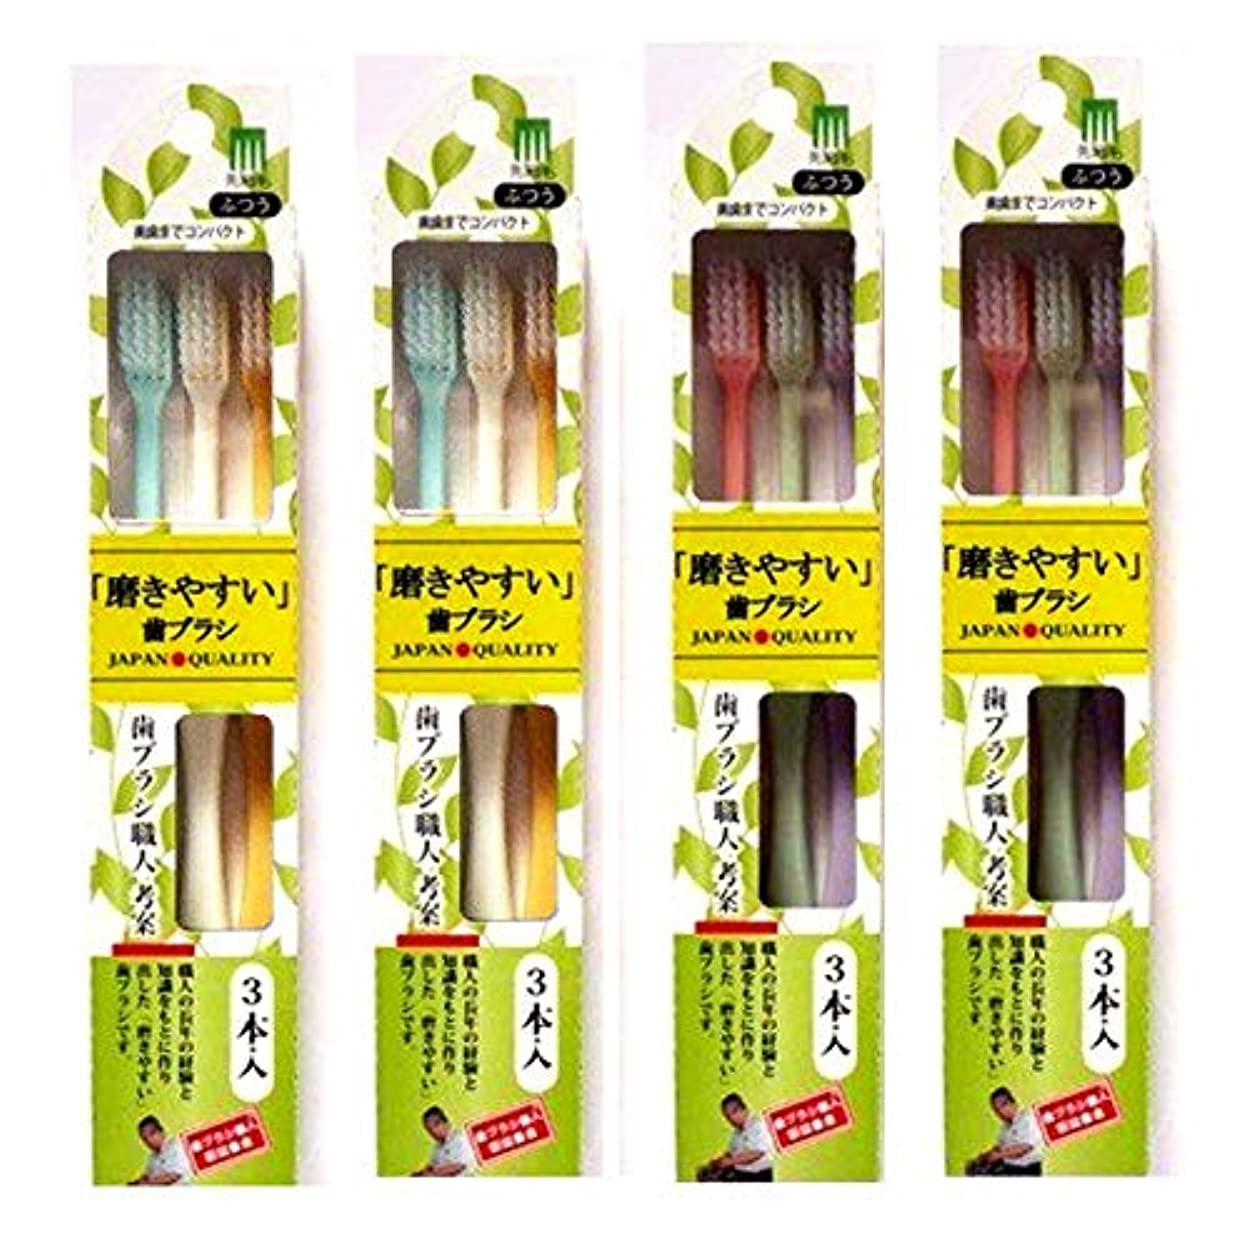 真面目な東ティモール溝磨きやすい歯ブラシ (先細毛) 奥までコンパクト ELT-1 (3本組×4個セット)